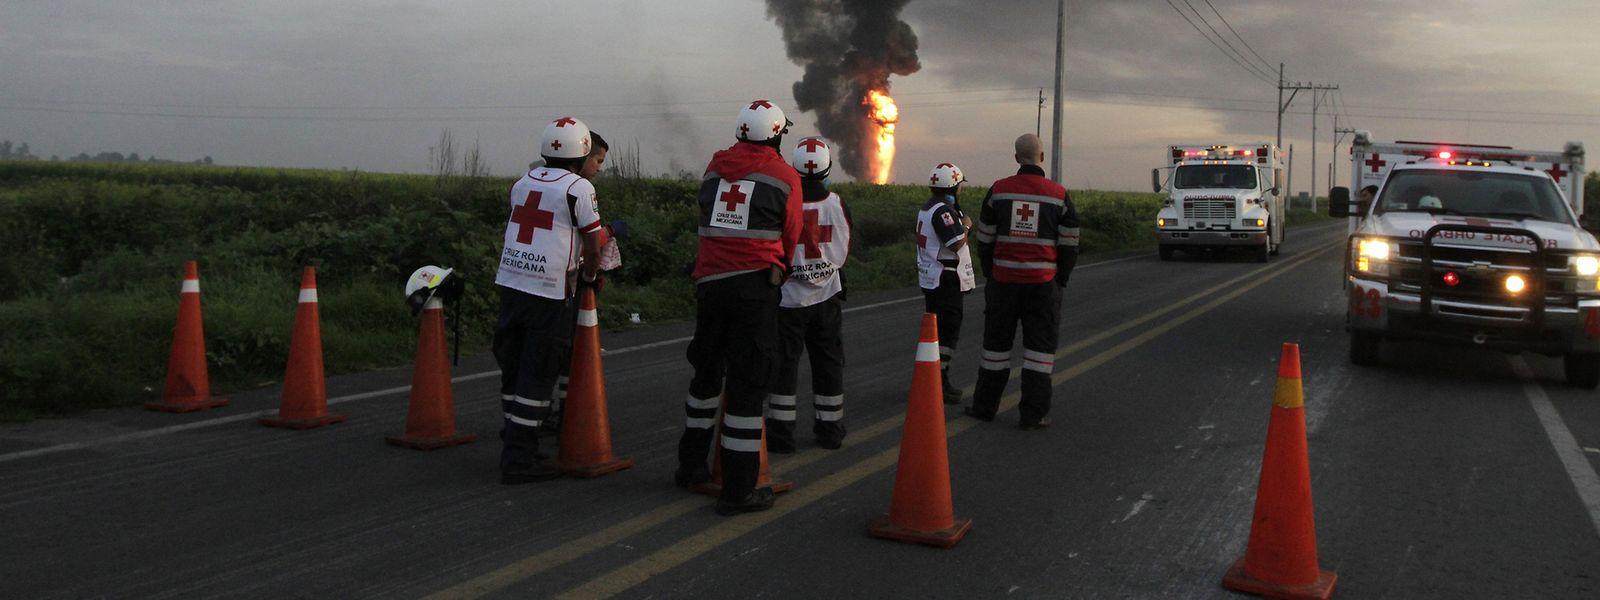 Immer wieder kommt es in Mexiko nach illeagalen Anzapfversuchen an Pipelines zu Explosionen.